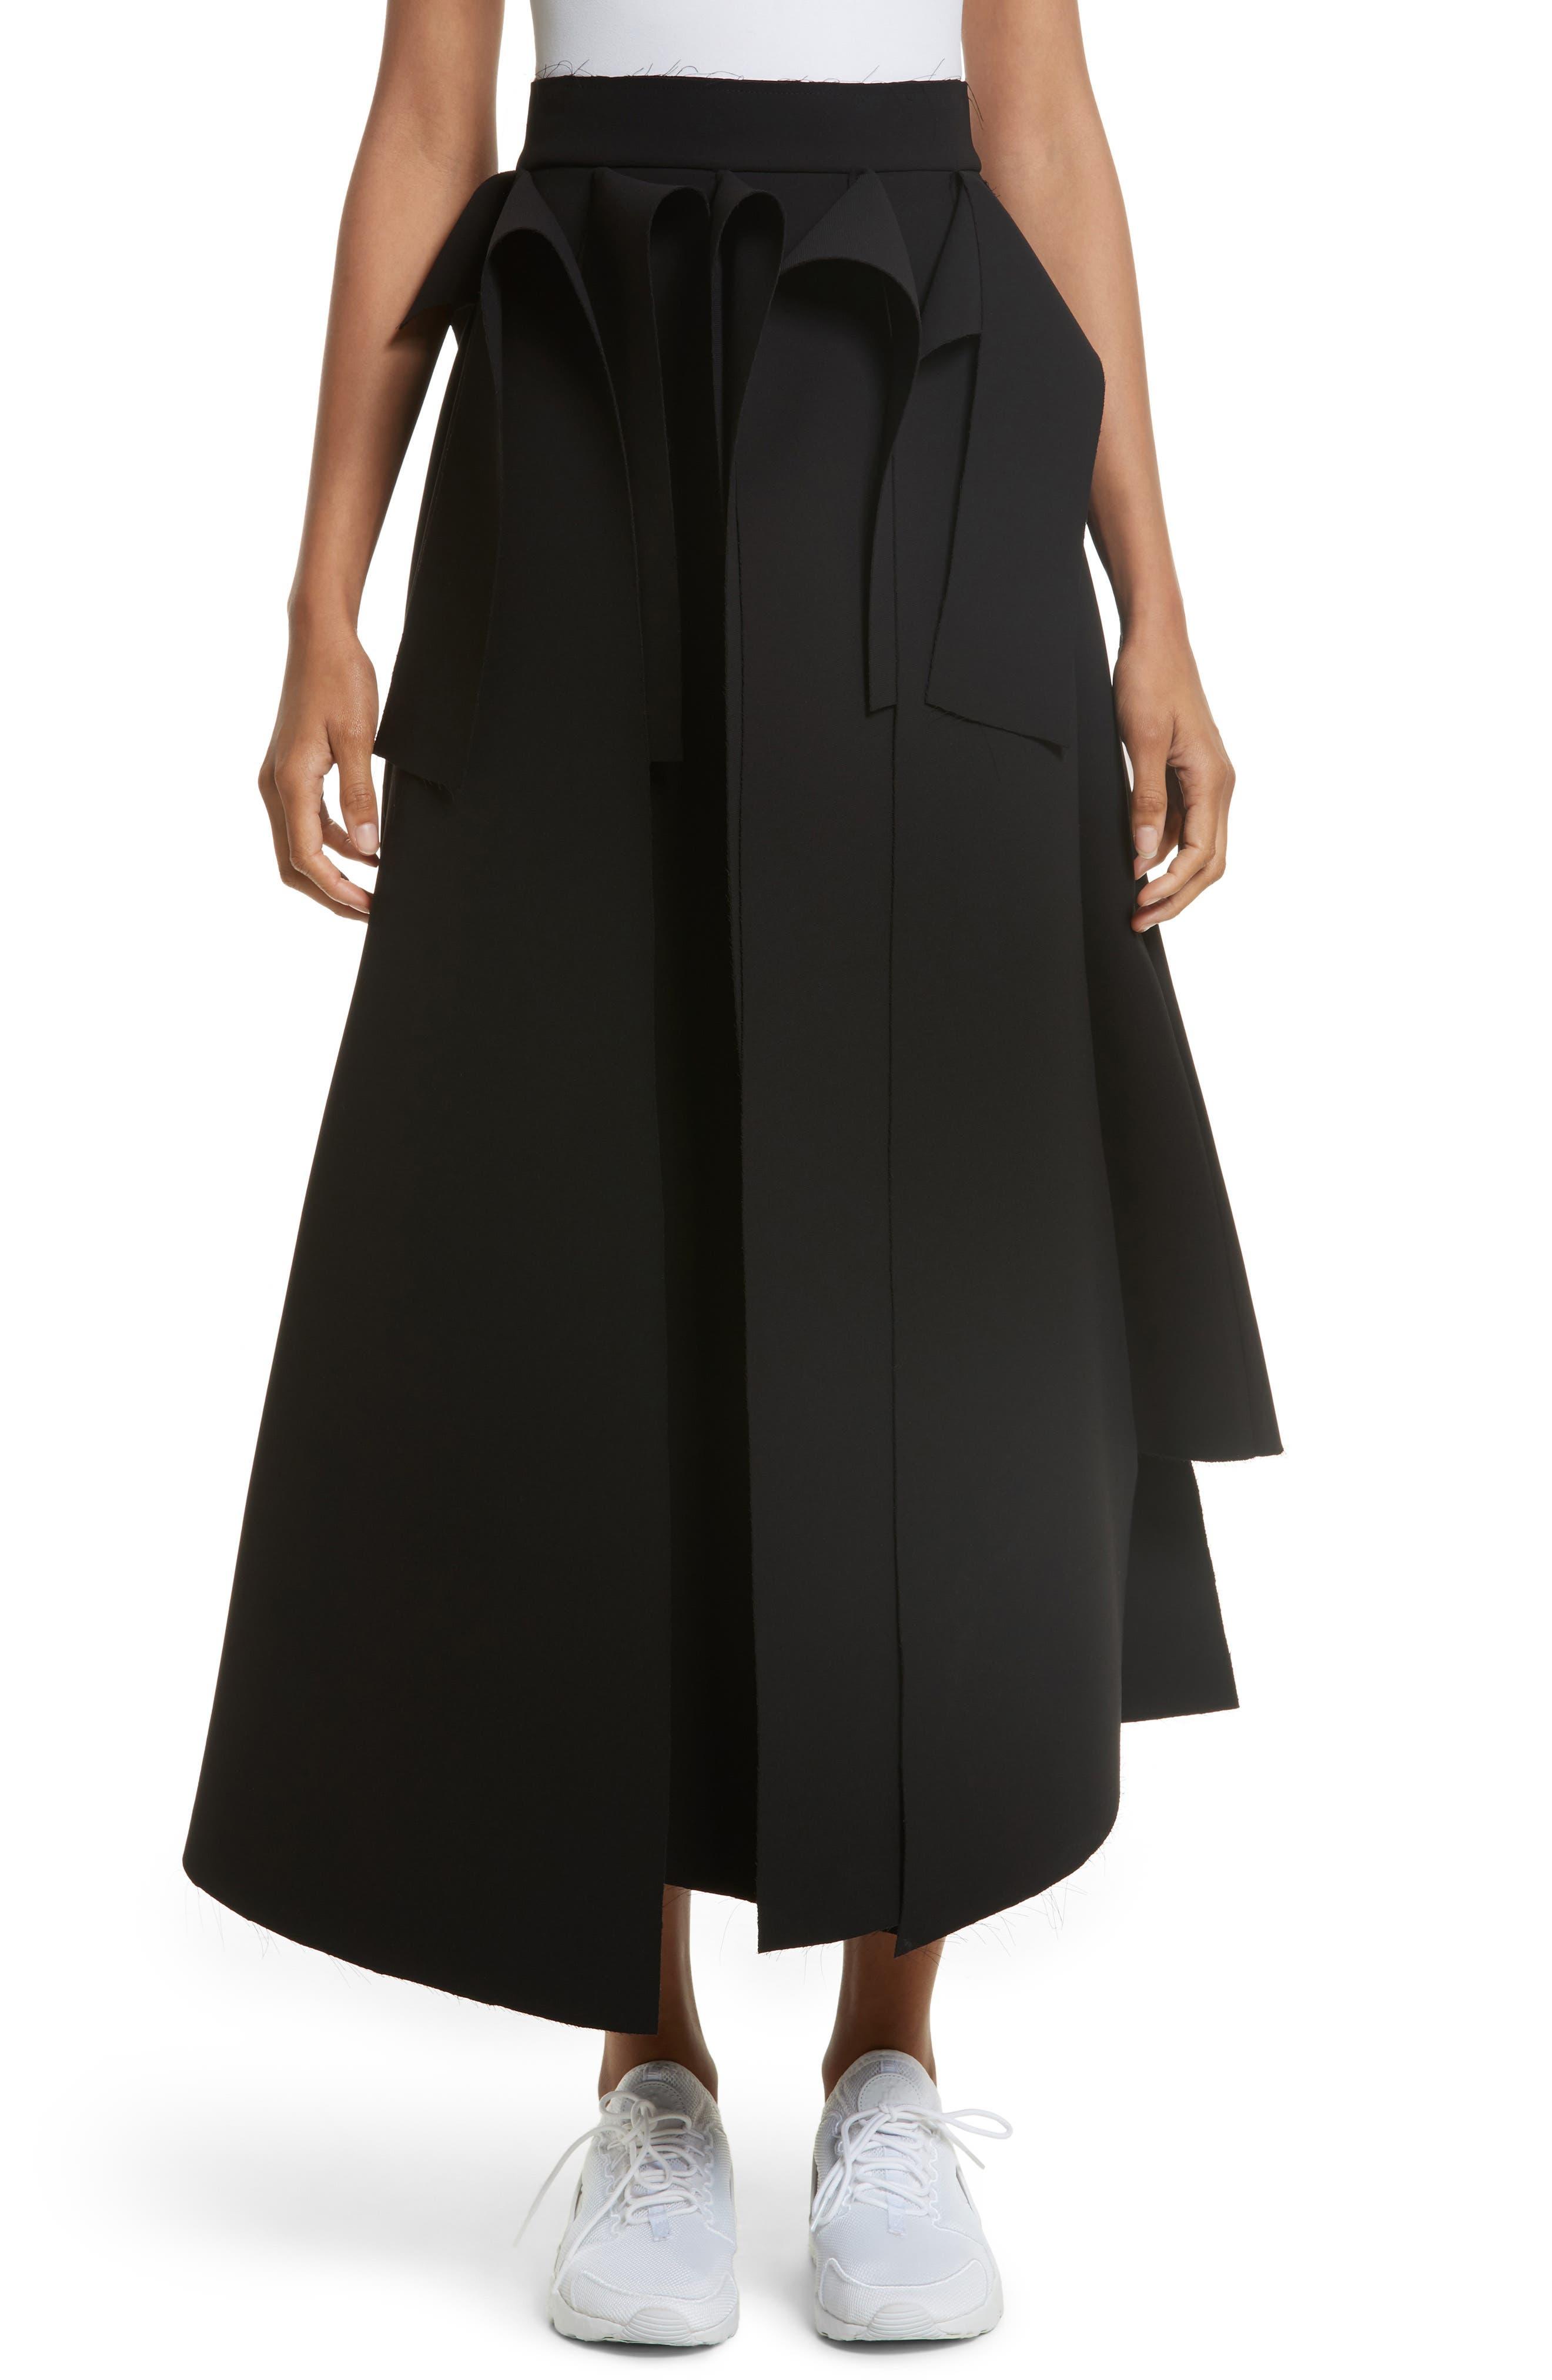 A.W.A.K.E. Asymmetric Panel Skirt